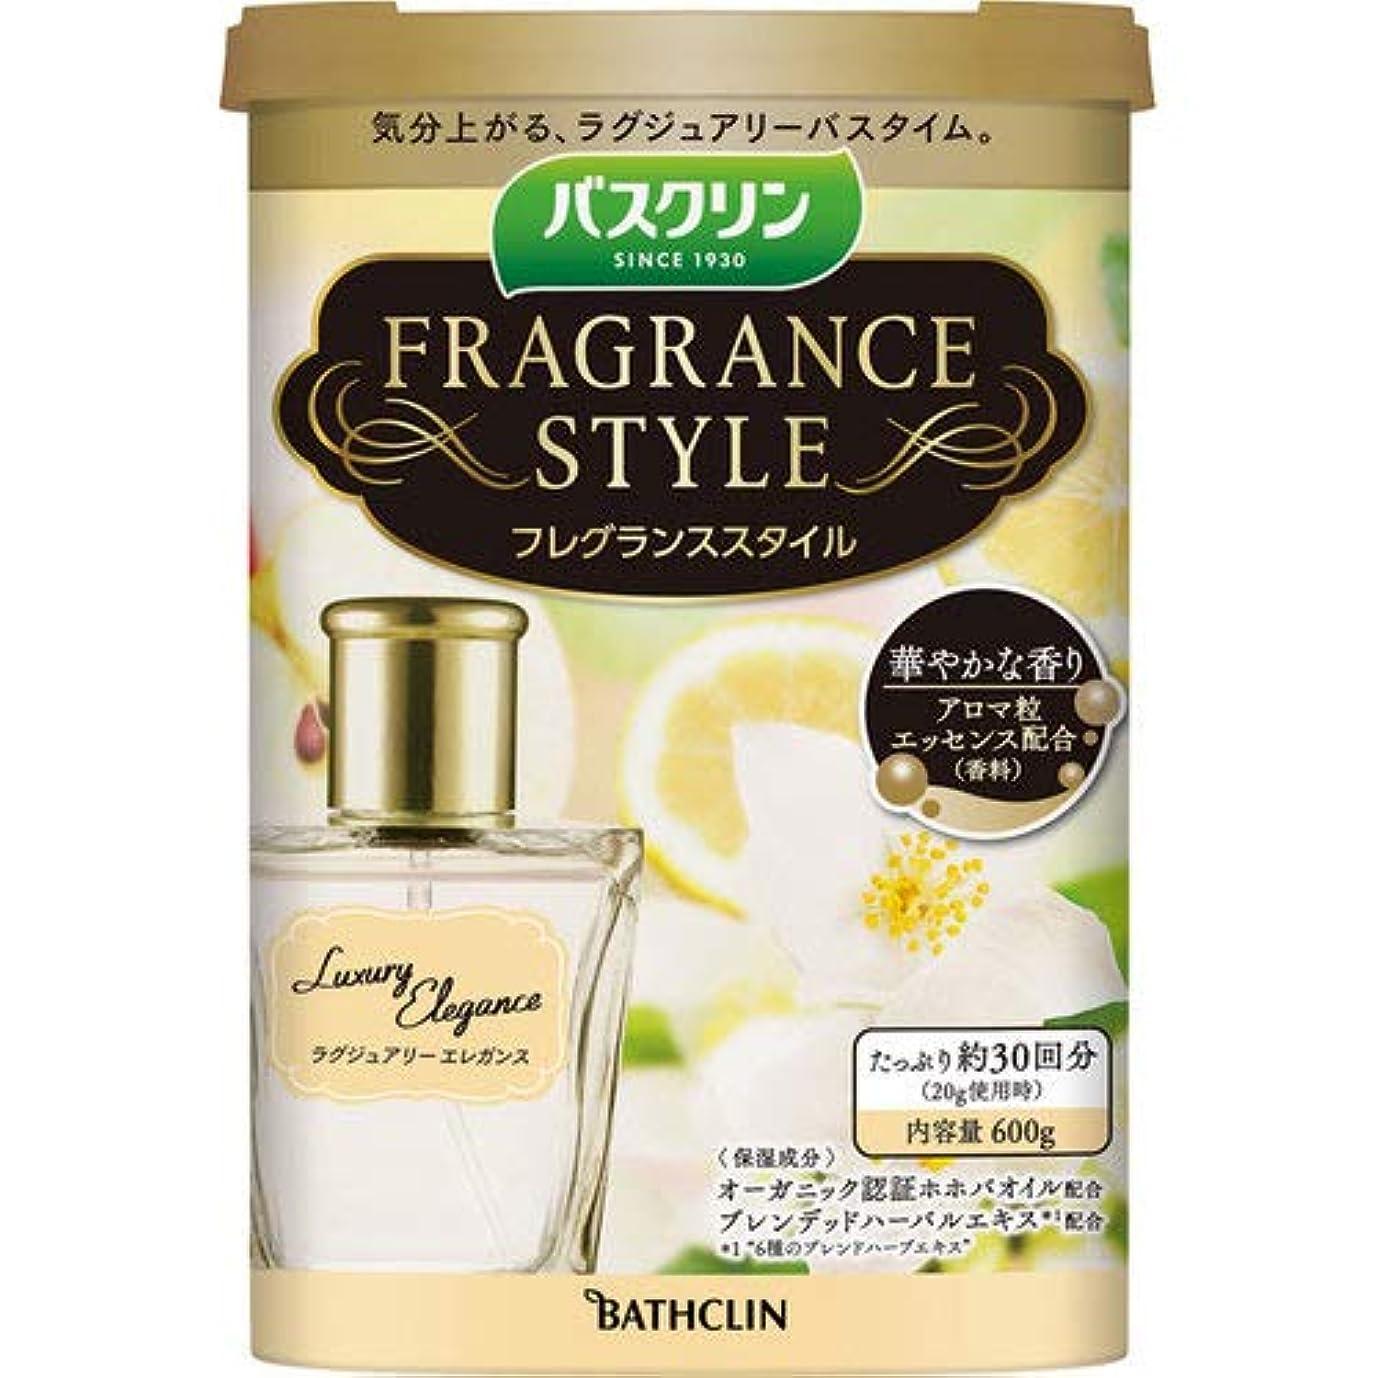 規制熱帯の持つバスクリンフレグランススタイルラグジュアリー エレガンス 入浴剤 フローラルムスク調の香りの入浴剤 600g